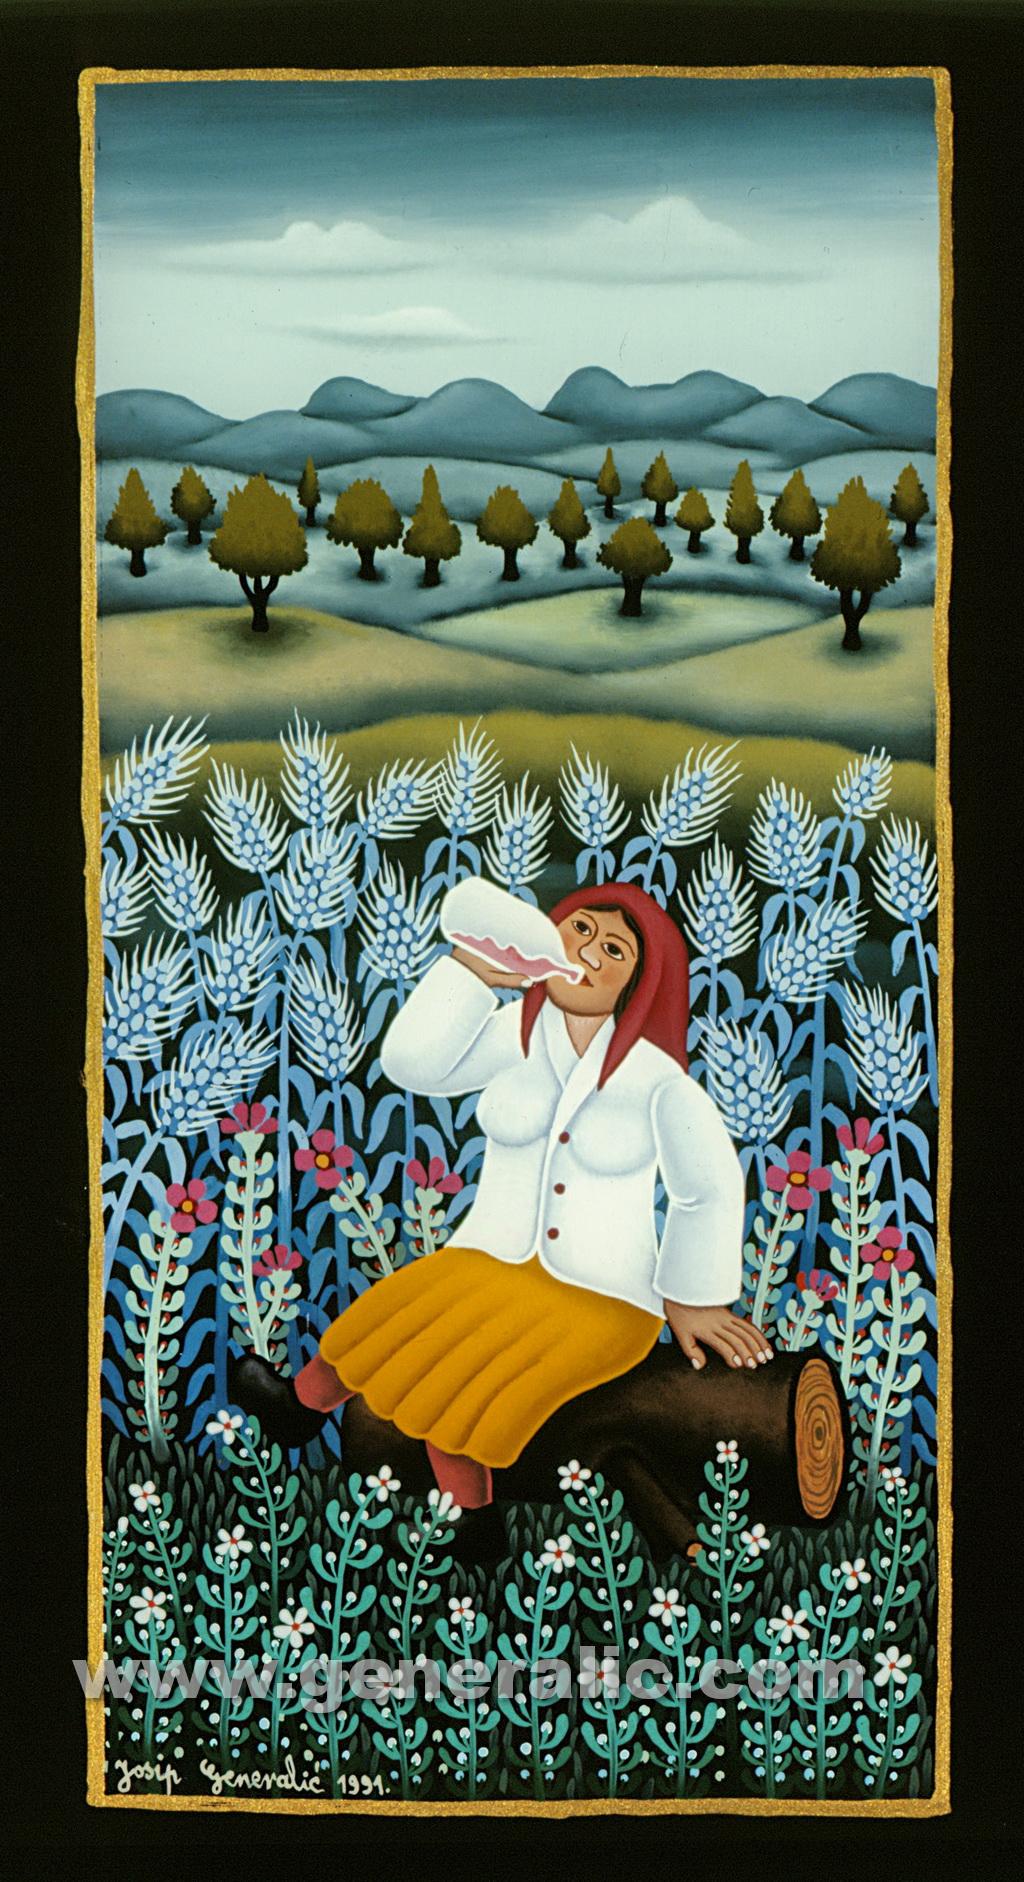 Josip Generalic, 1991, Woman is drinking, oil on glass